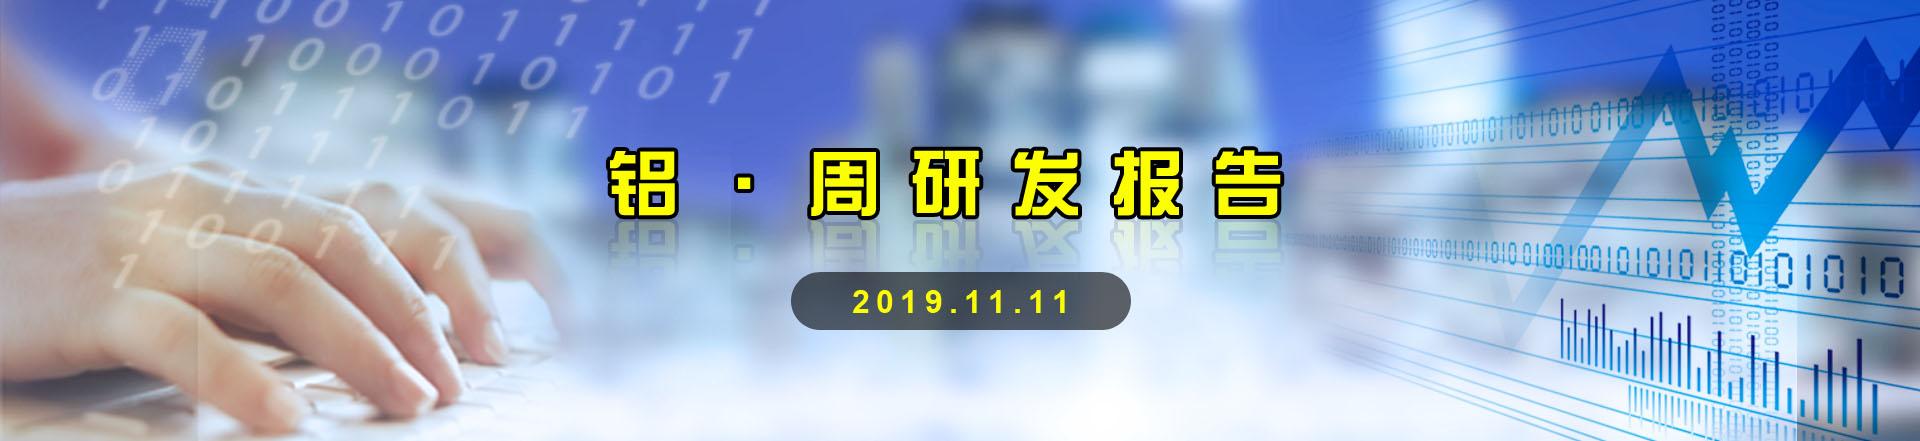 【铝】铝·周研发报告集锦 20191111